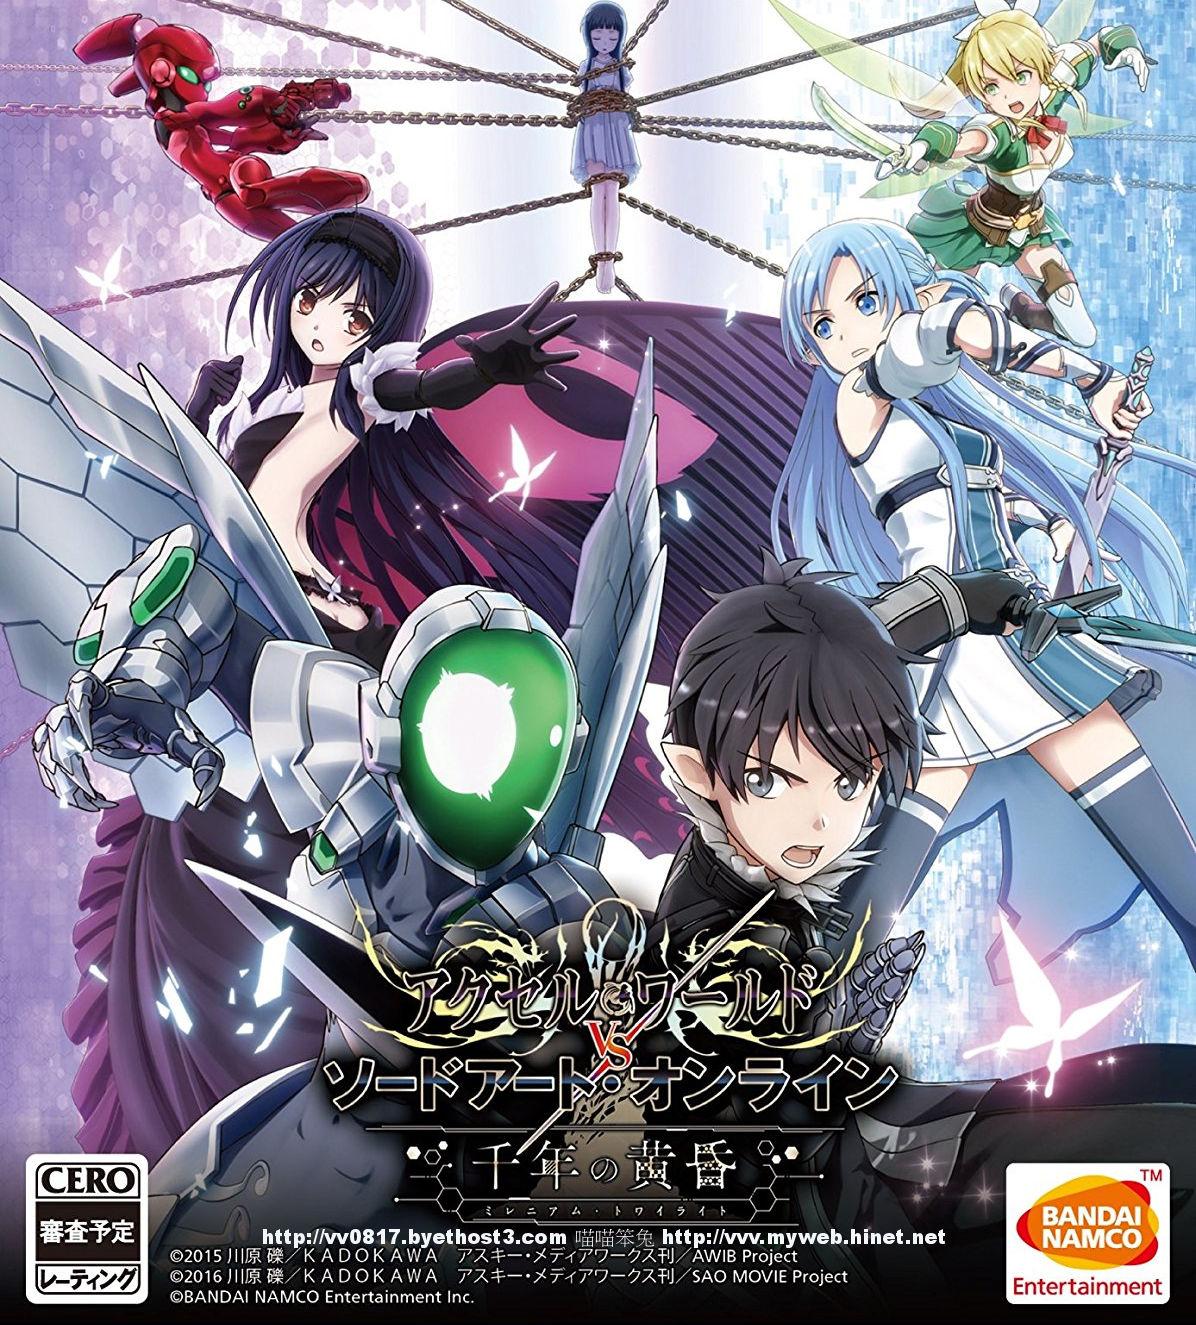 加速世界 VS 刀劍神域 千年的黃昏 Accel World VS. Sword Art Online Deluxe Edition 劇情完全攻略 | 喵喵笨兔